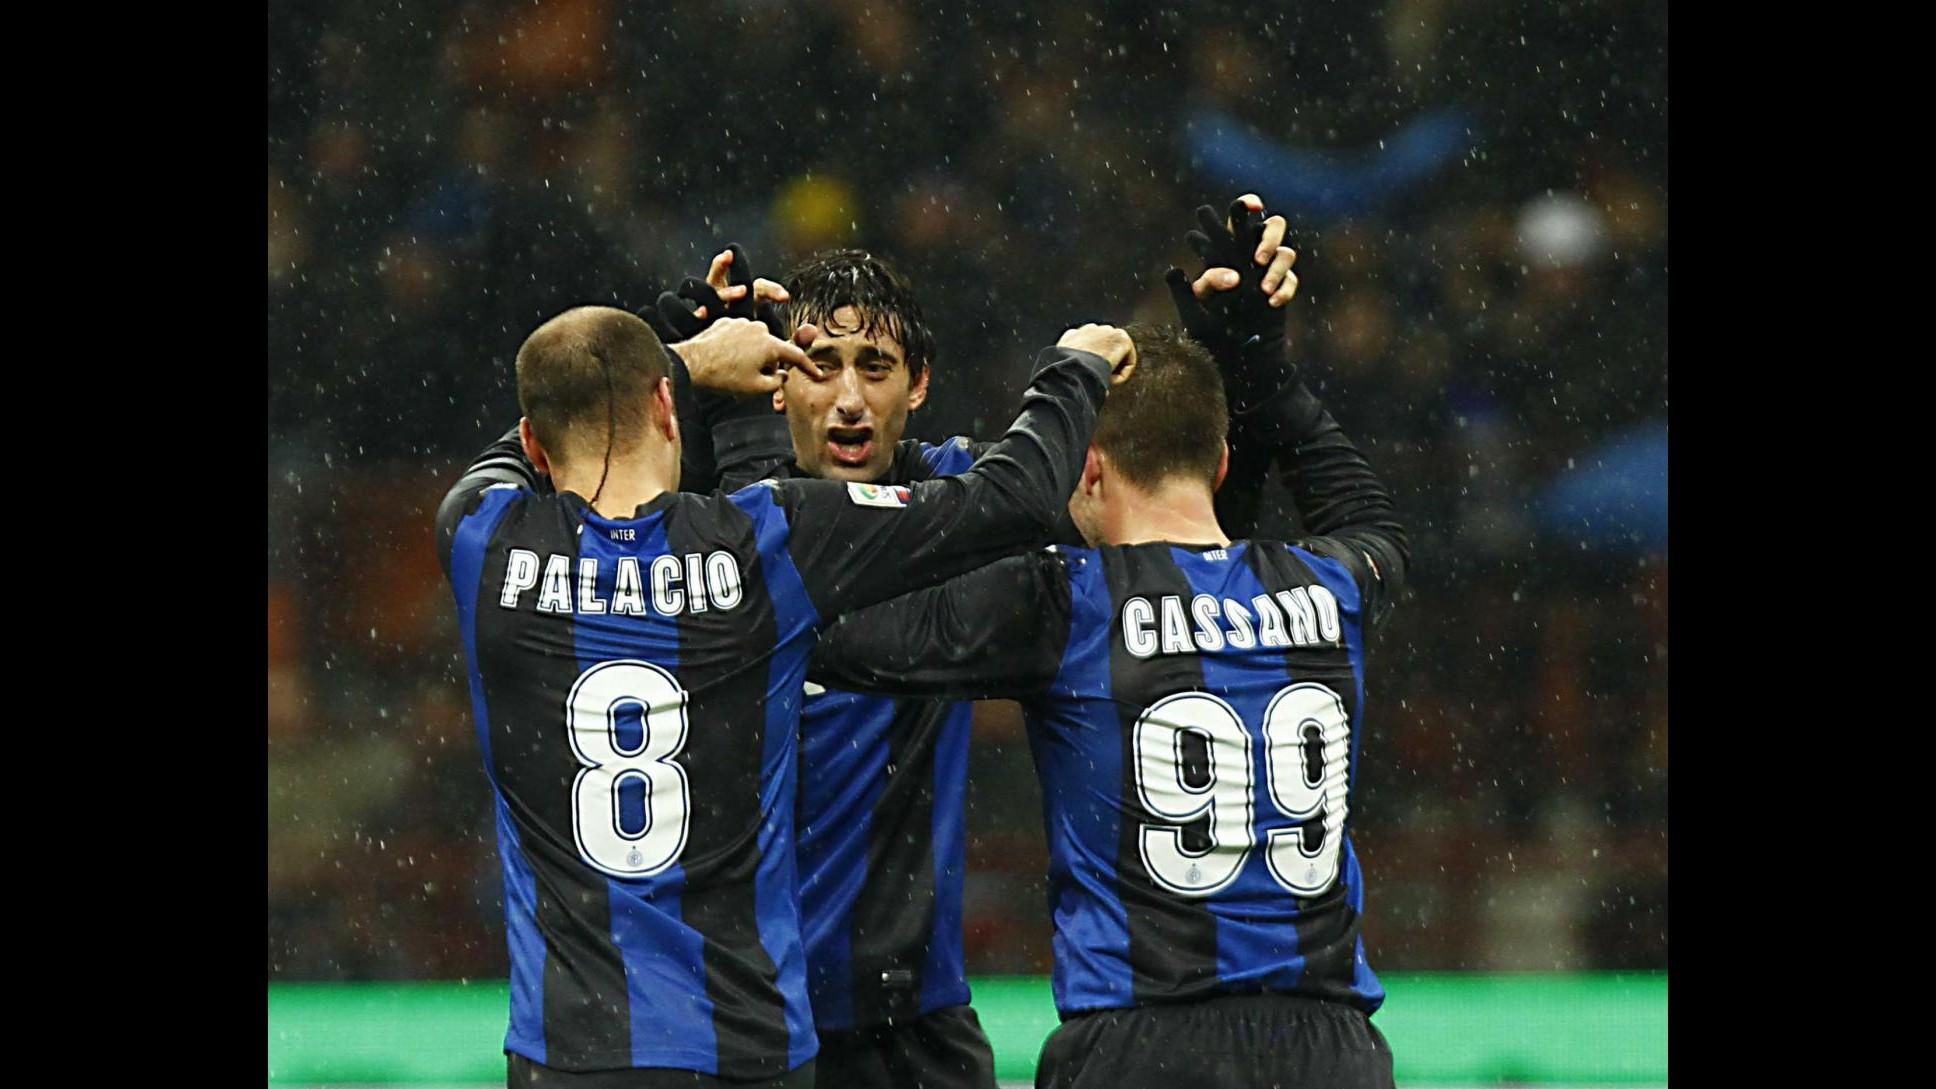 Inter, Milito esalta Cassano e Palacio: Con loro tutto è più facile